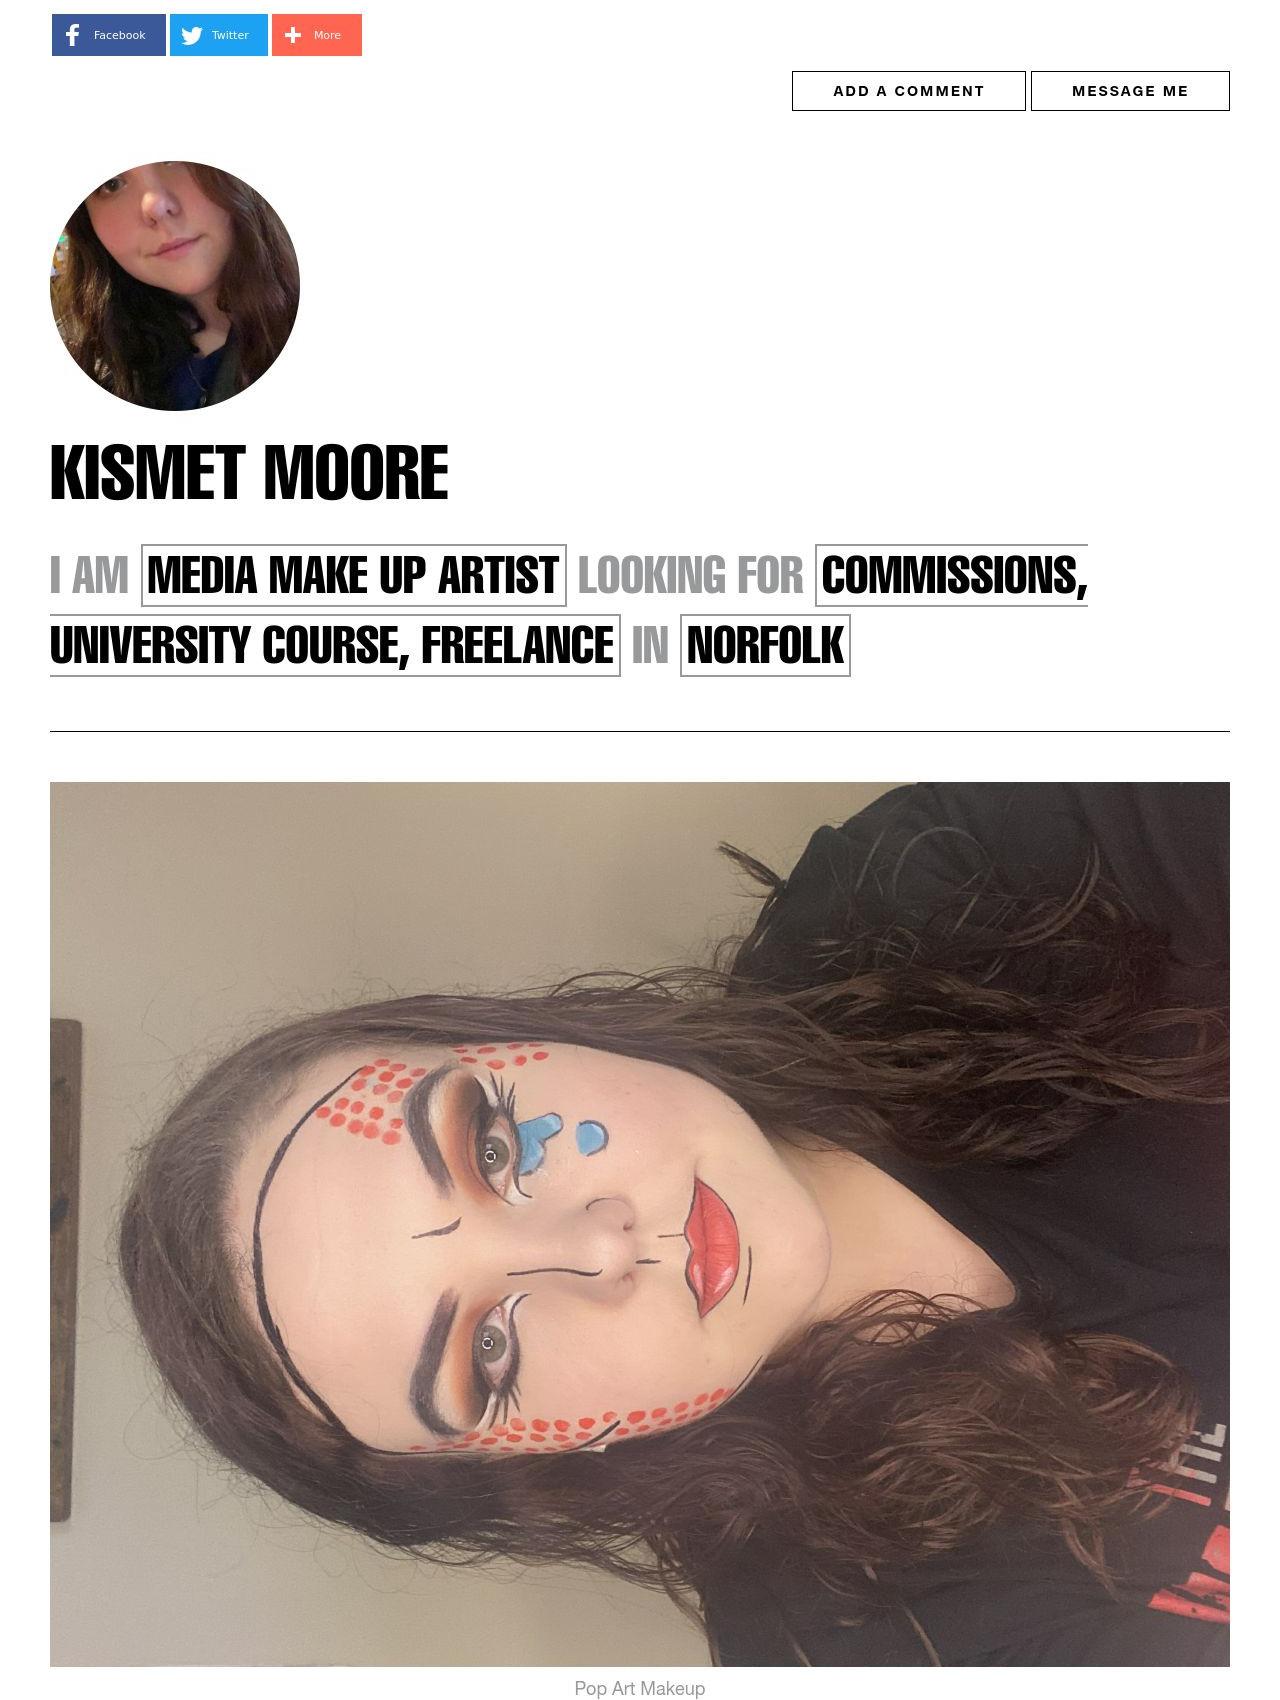 Kismet Moore